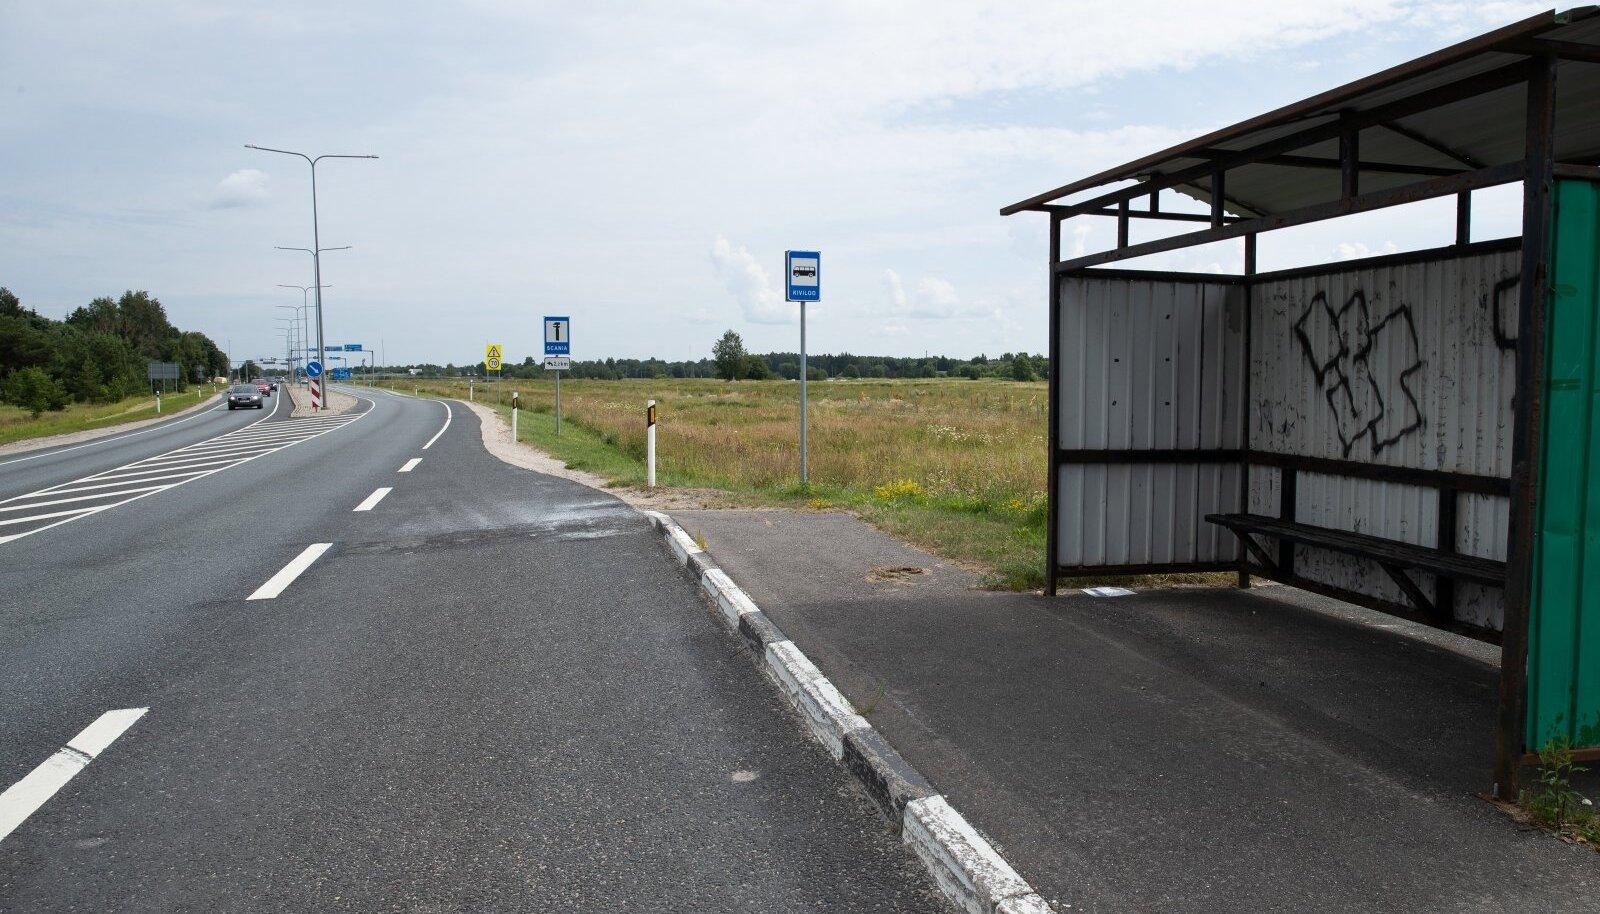 Maakonnaliinidel tasuta bussisõidu võimaluse pakkumine on isikliku auto kasutamist vaid suurendanud.